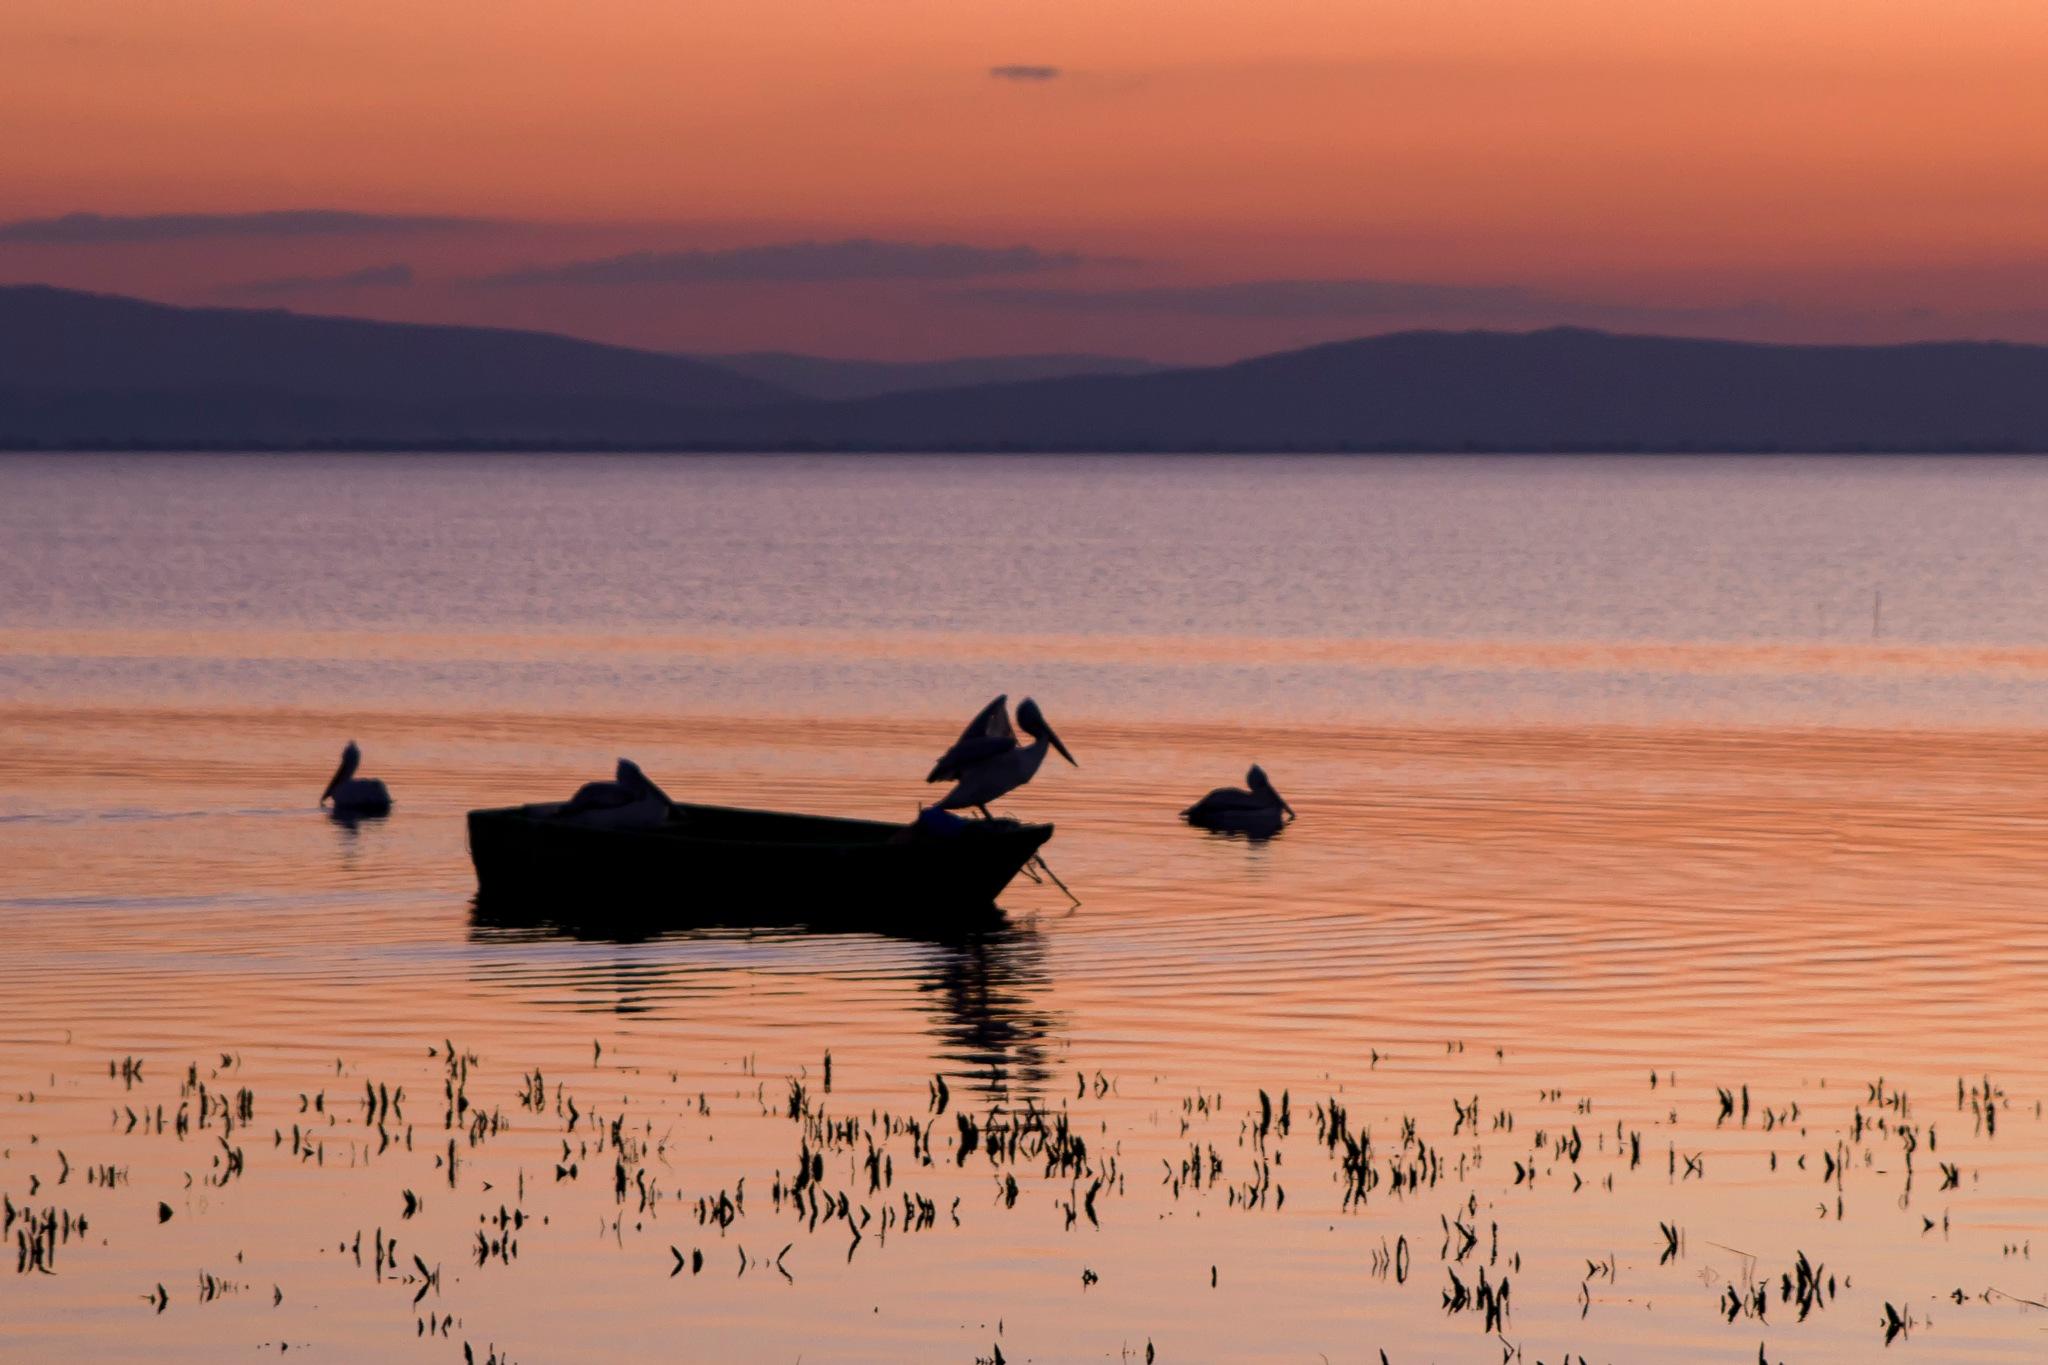 pelican by erdinc senyurek